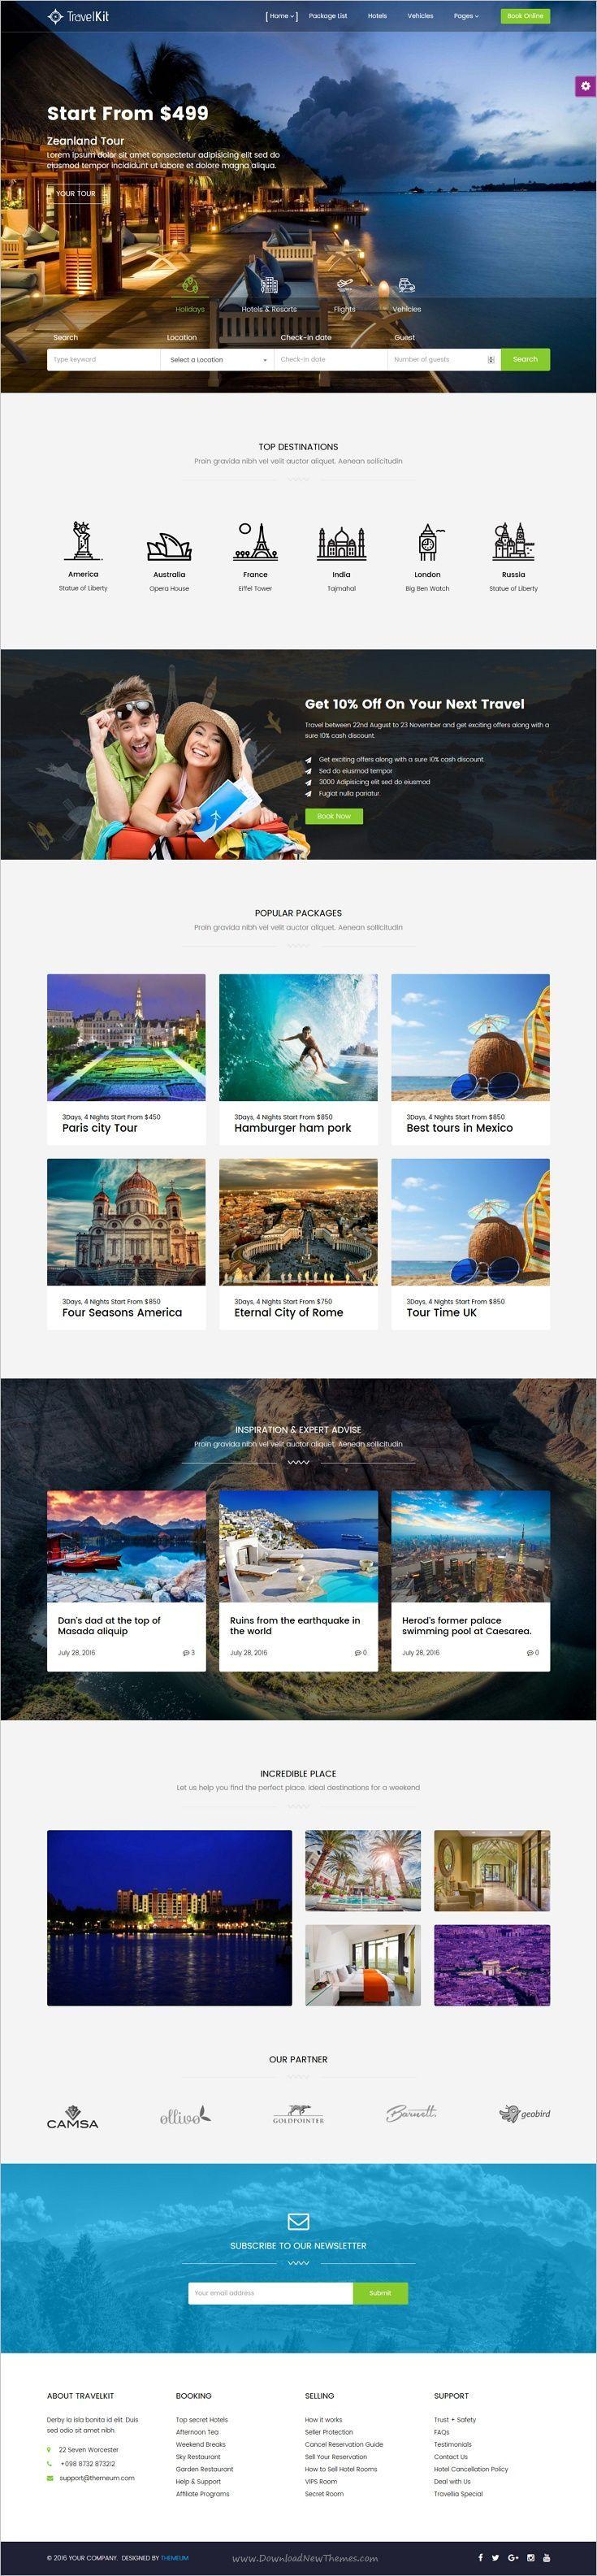 Os 150 Melhores Templates WordPress | Web Design | Travel